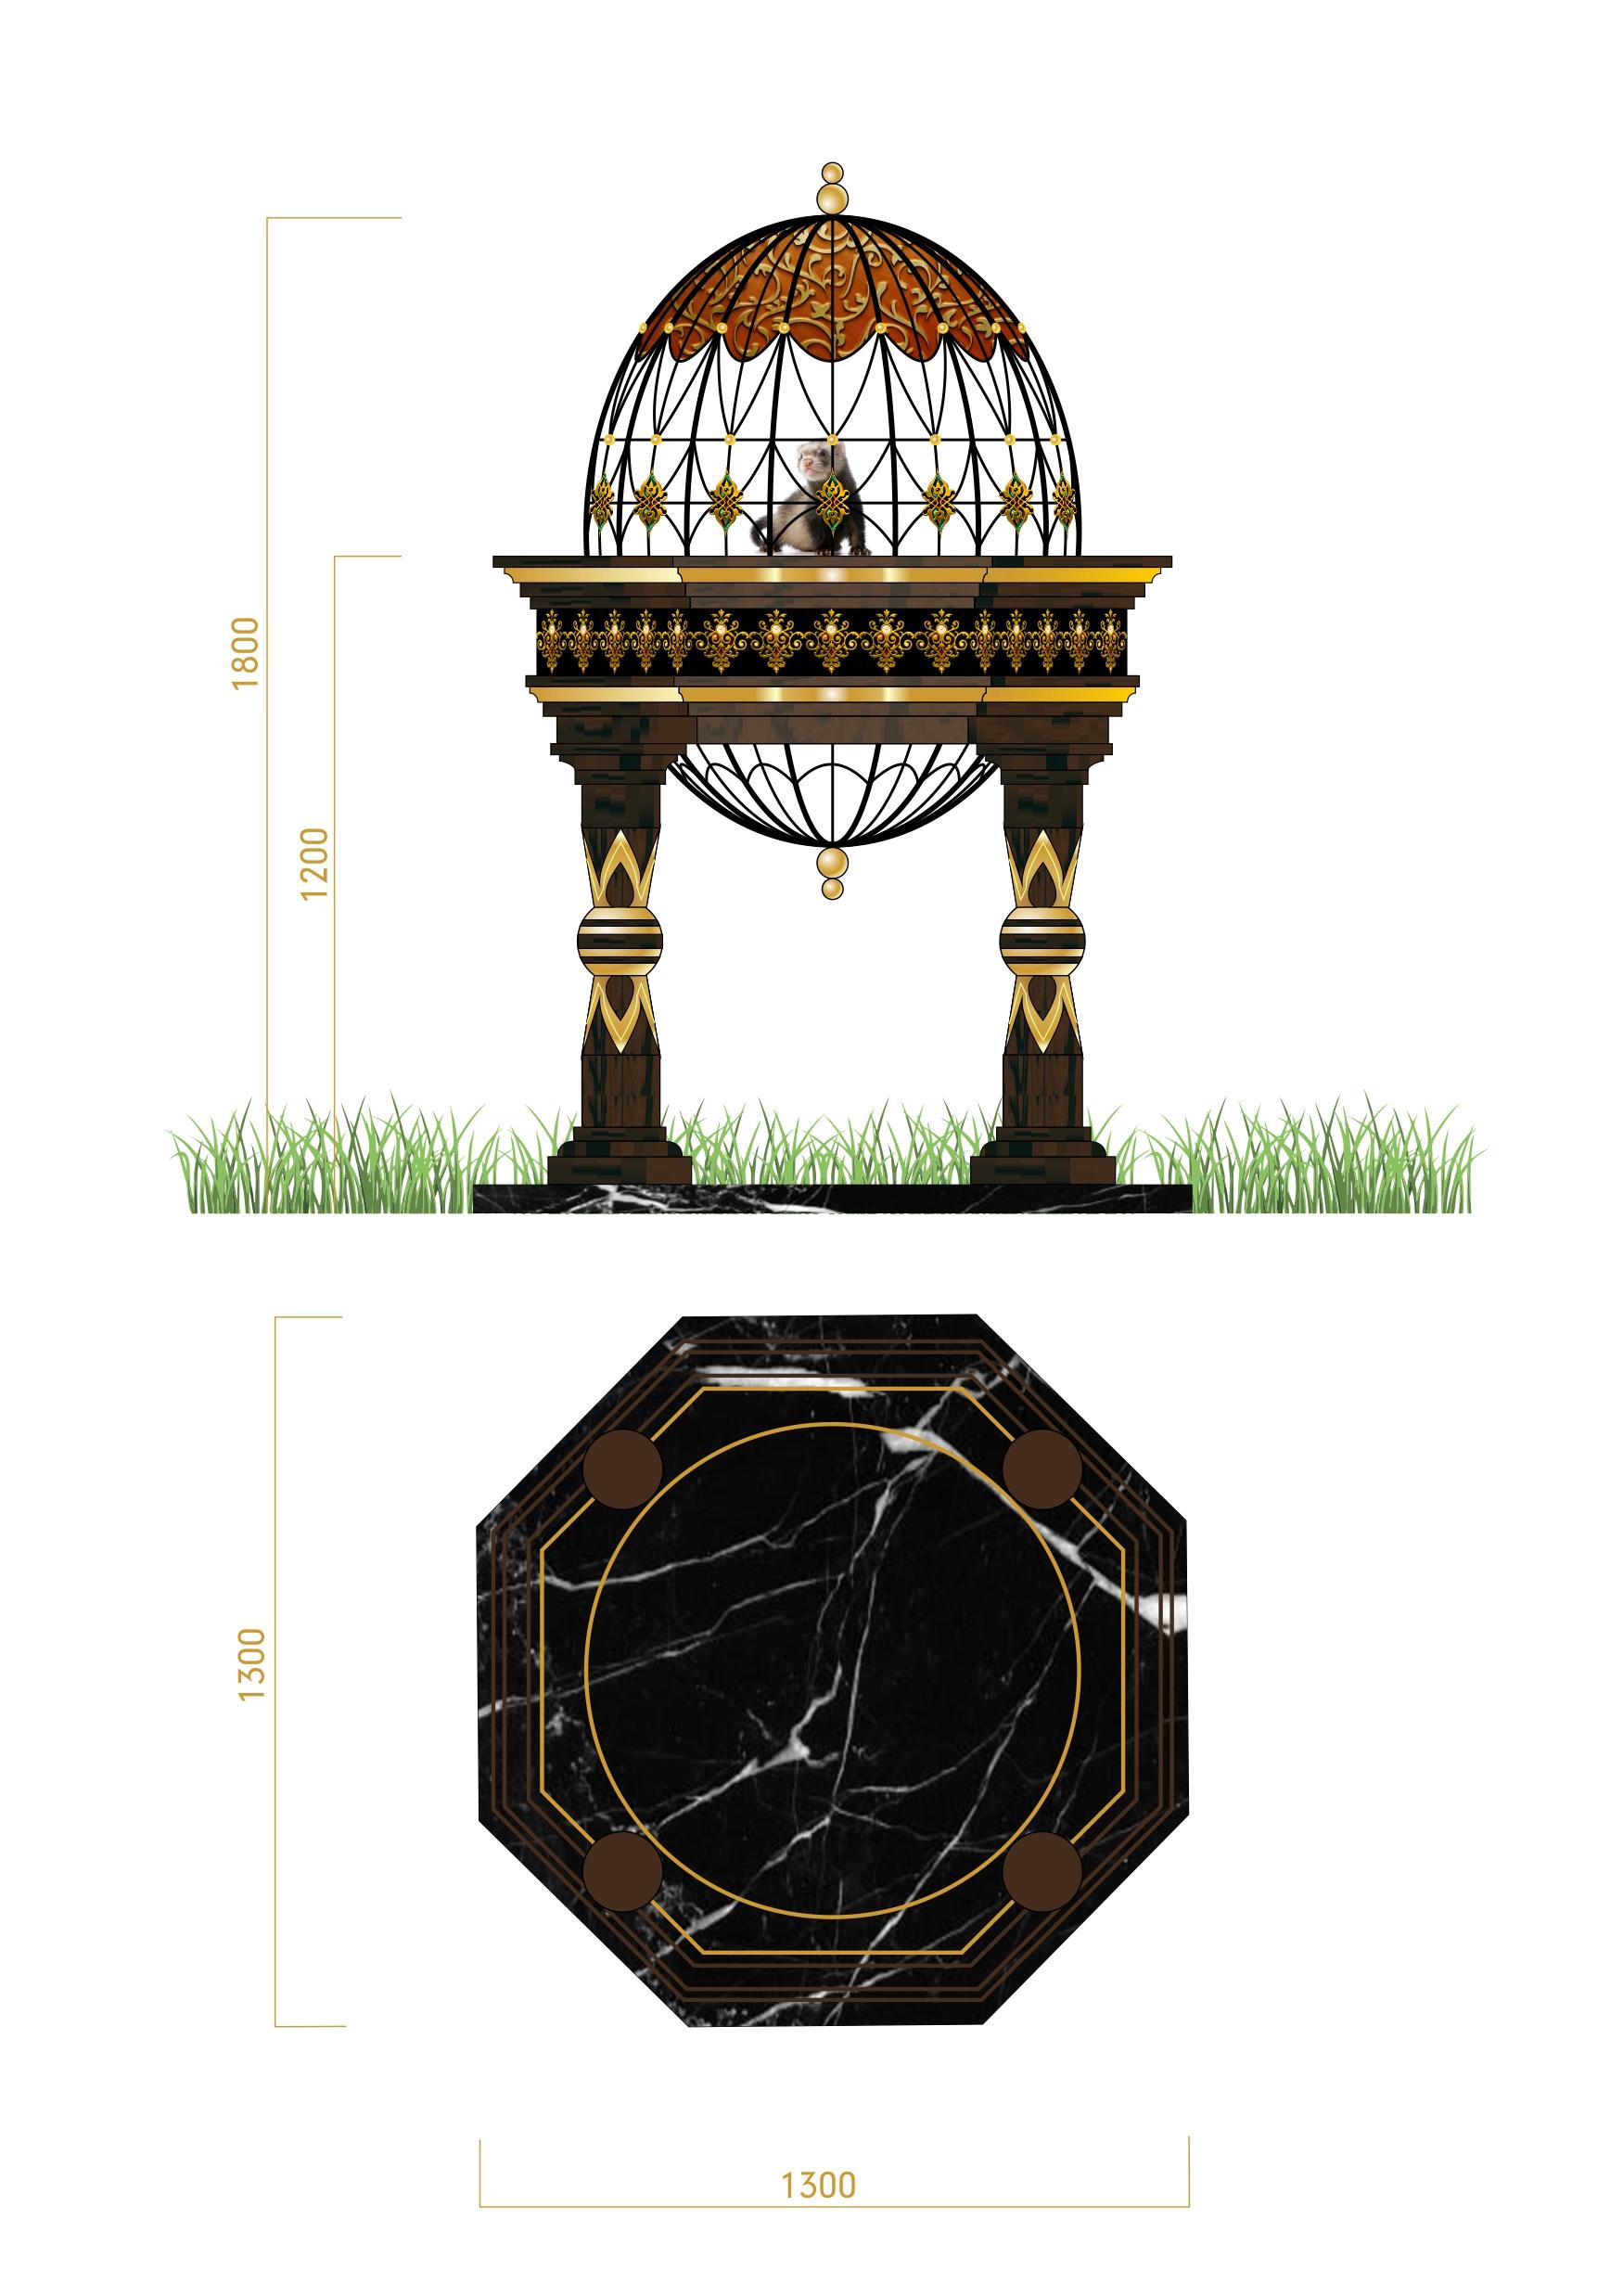 Дизайн конструкции для размещения в ней живого соболя фото f_43756fe8865af64b.jpg